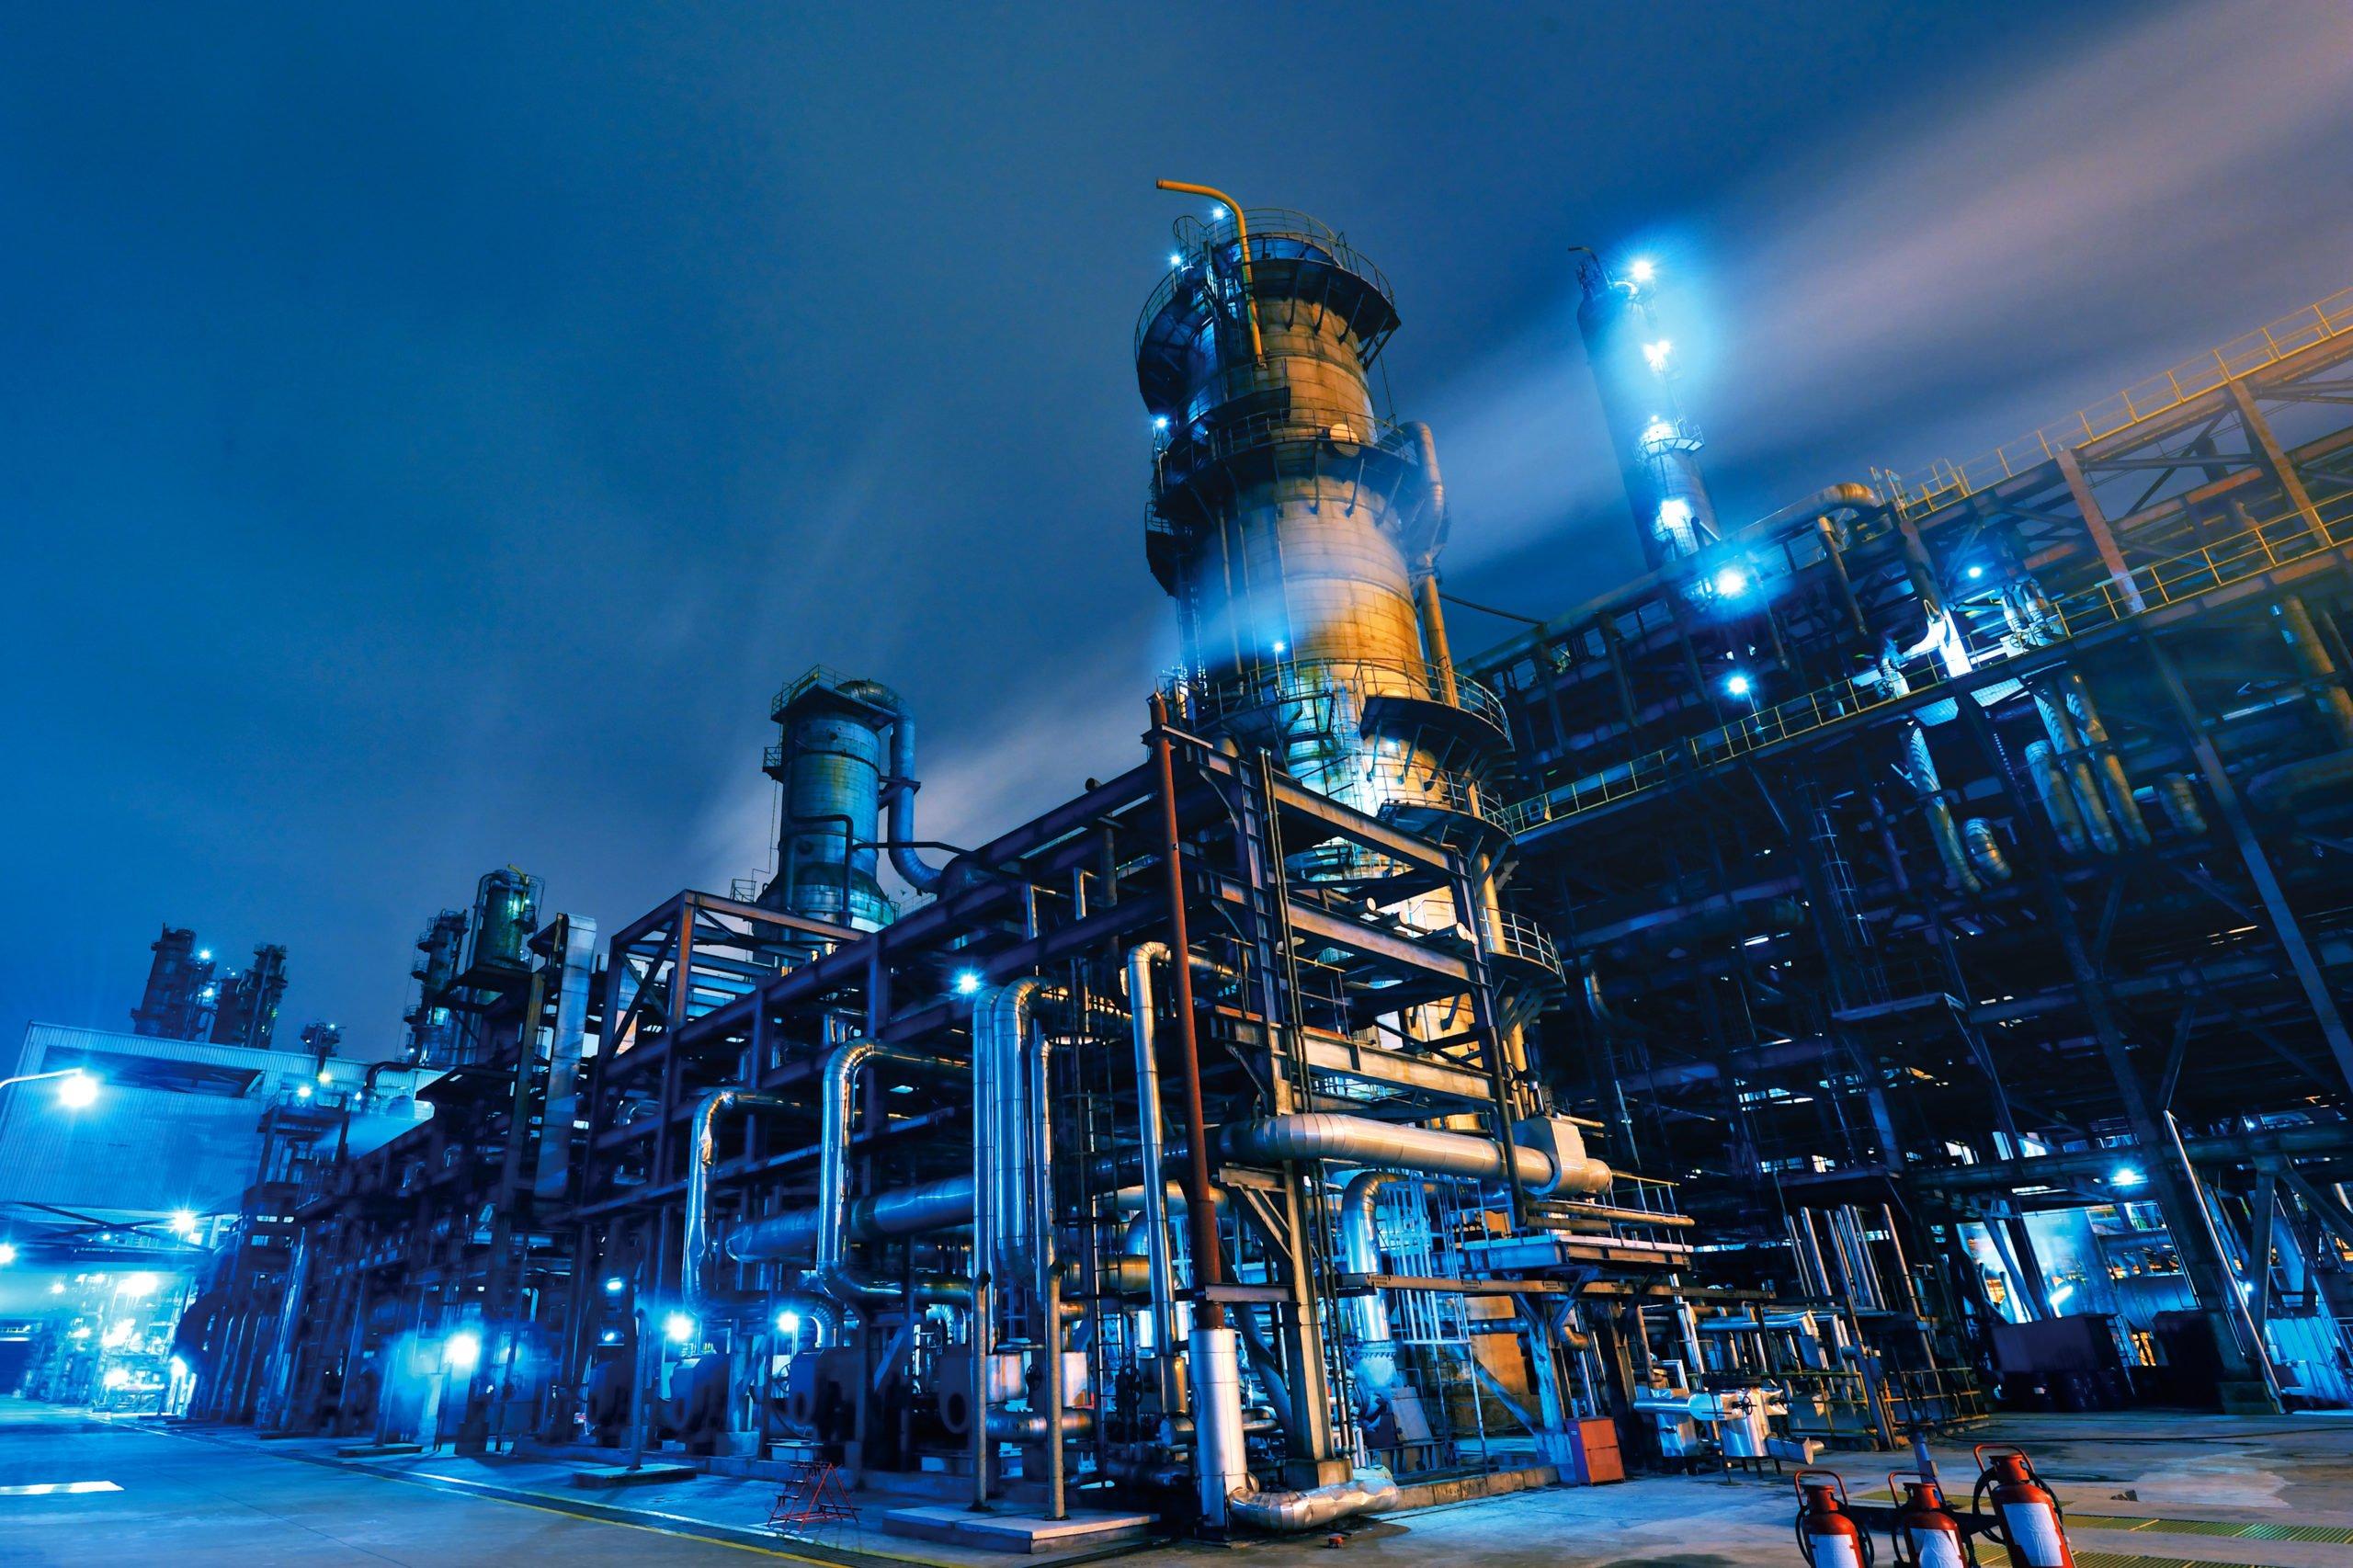 What Drove April's Unprecedented Negative Oil Price?